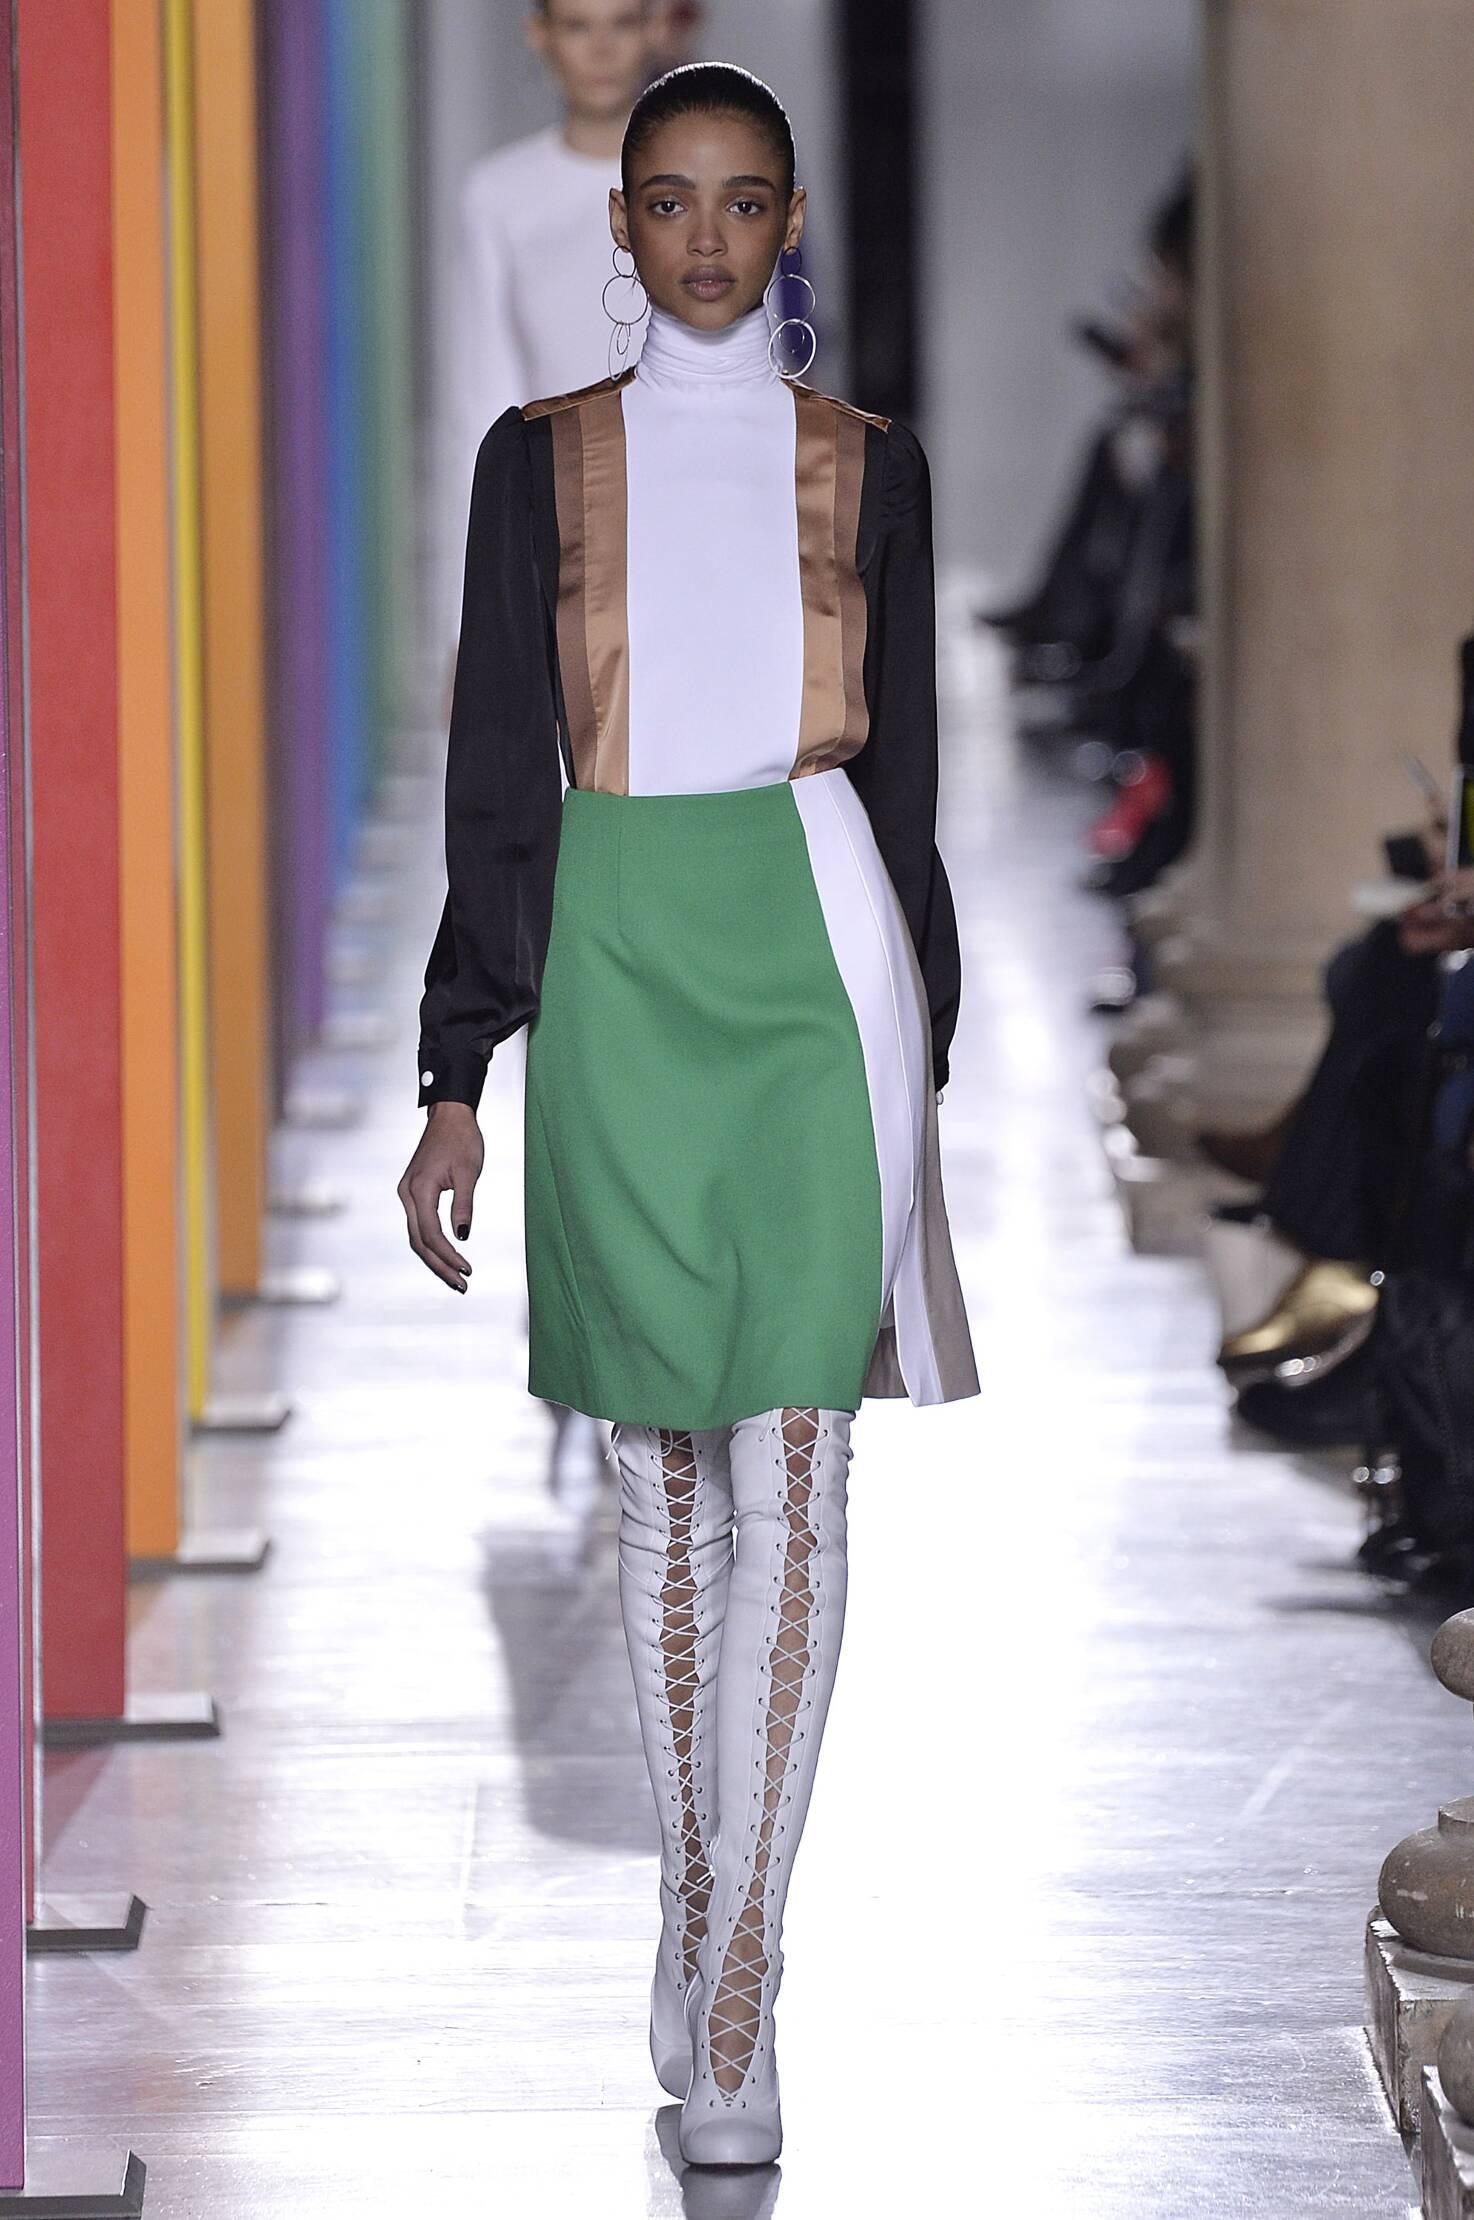 2016 Fall Fashion Woman Jonathan Saunders Collection